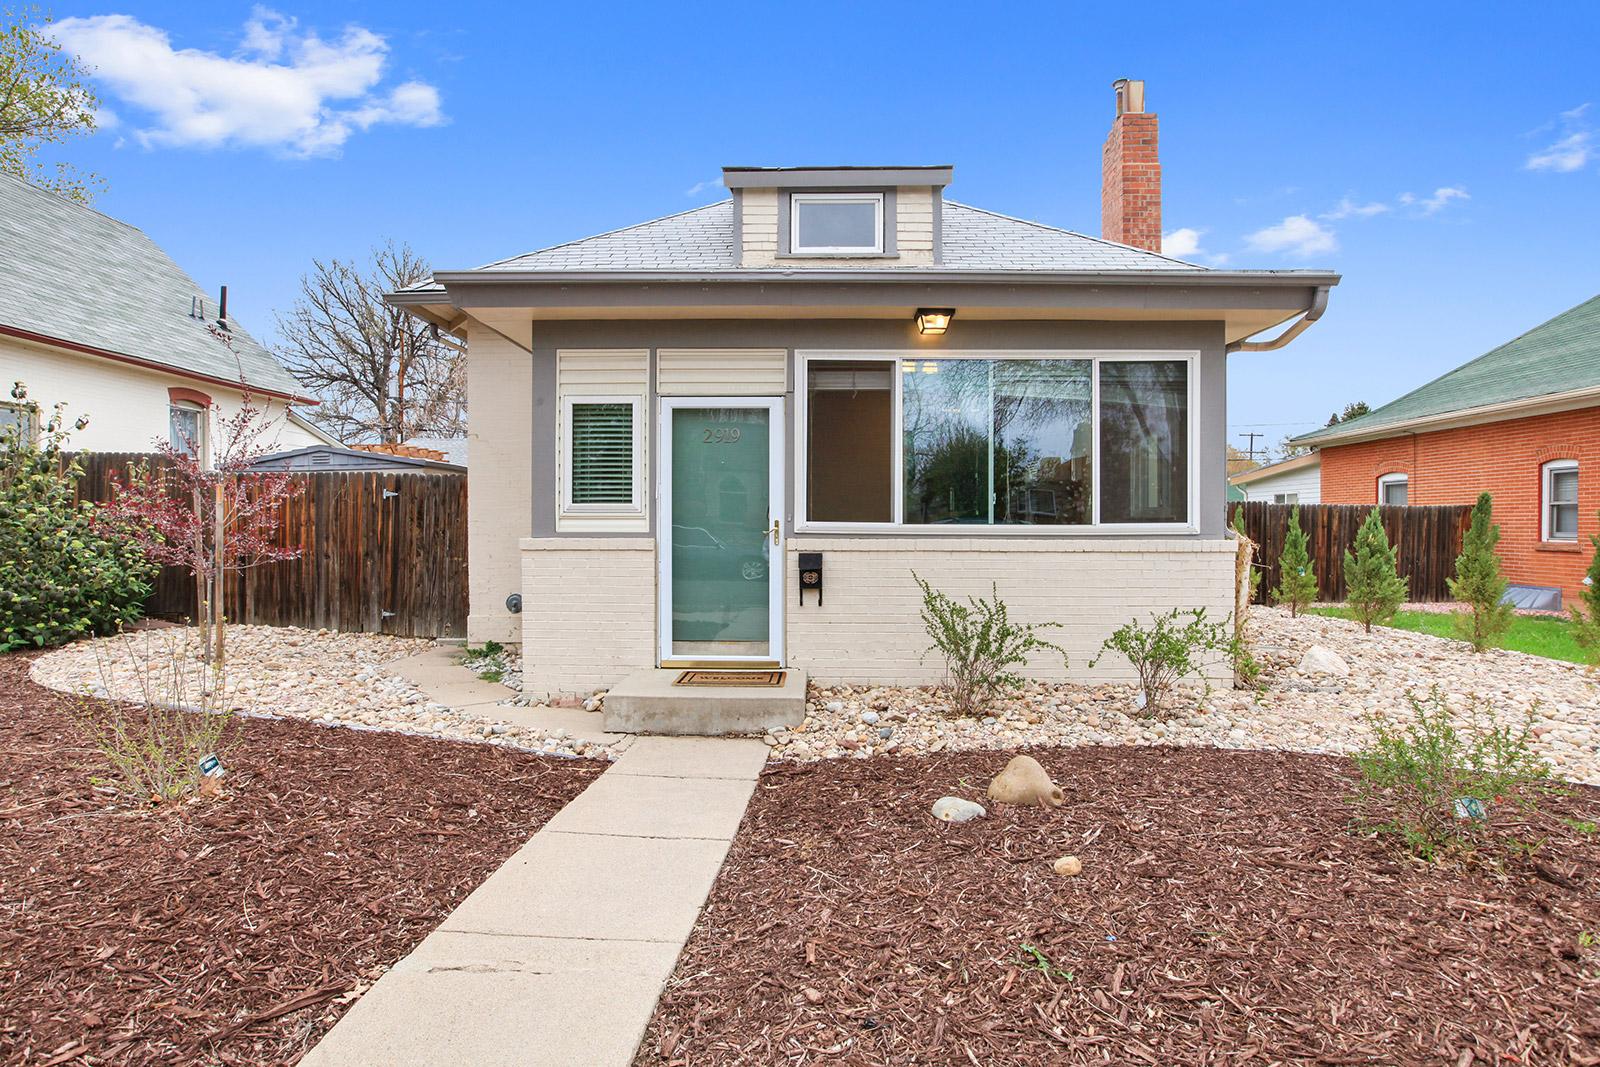 2919 W 39th Avenue Denver Co Brixton Real Estate